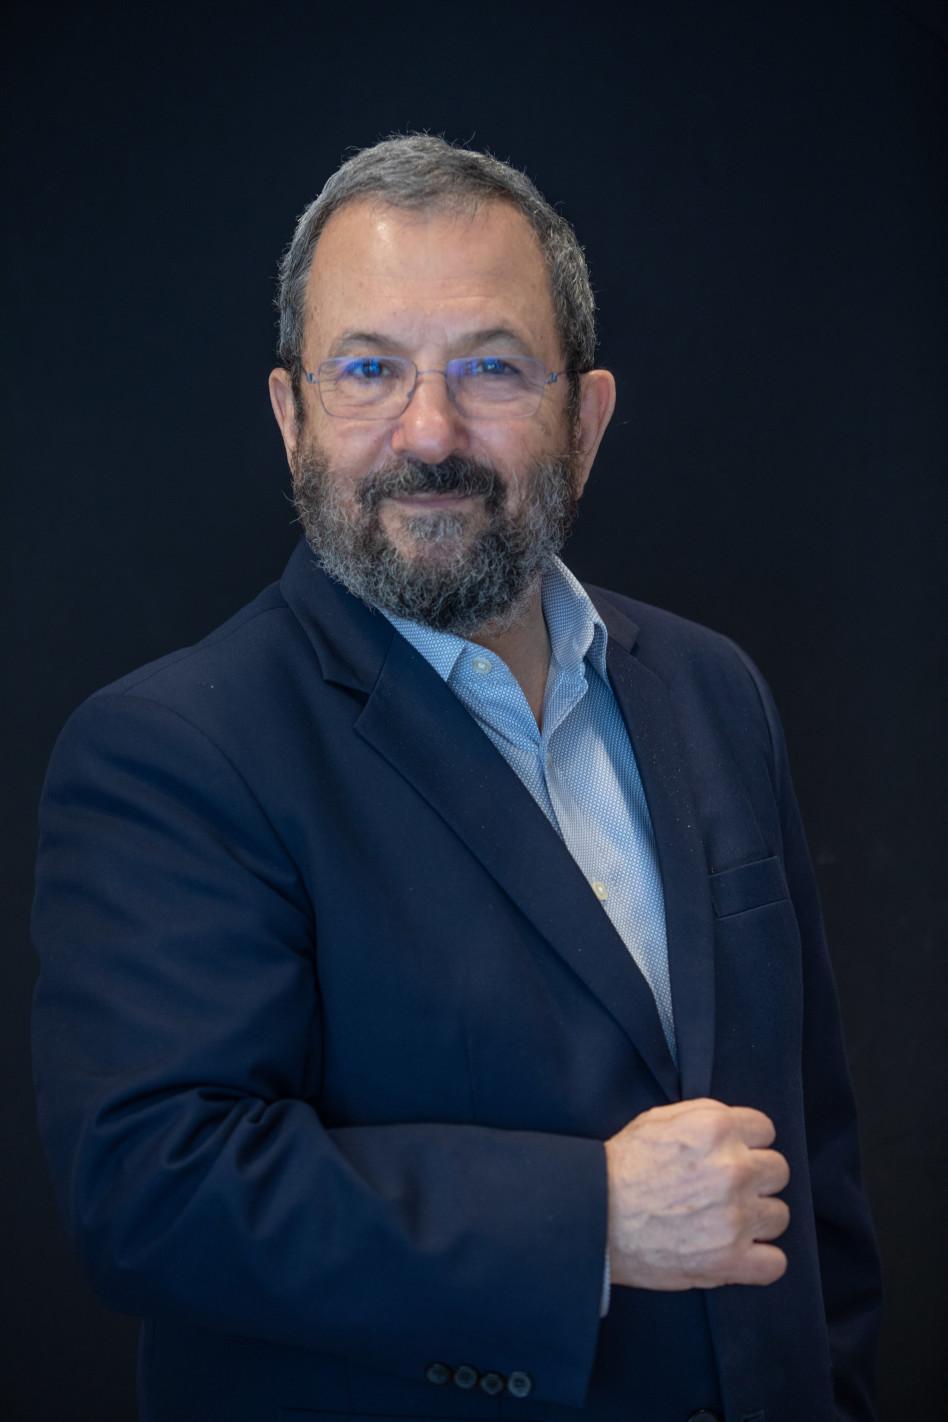 אהוד ברק (צילום: יוסי אלוני)